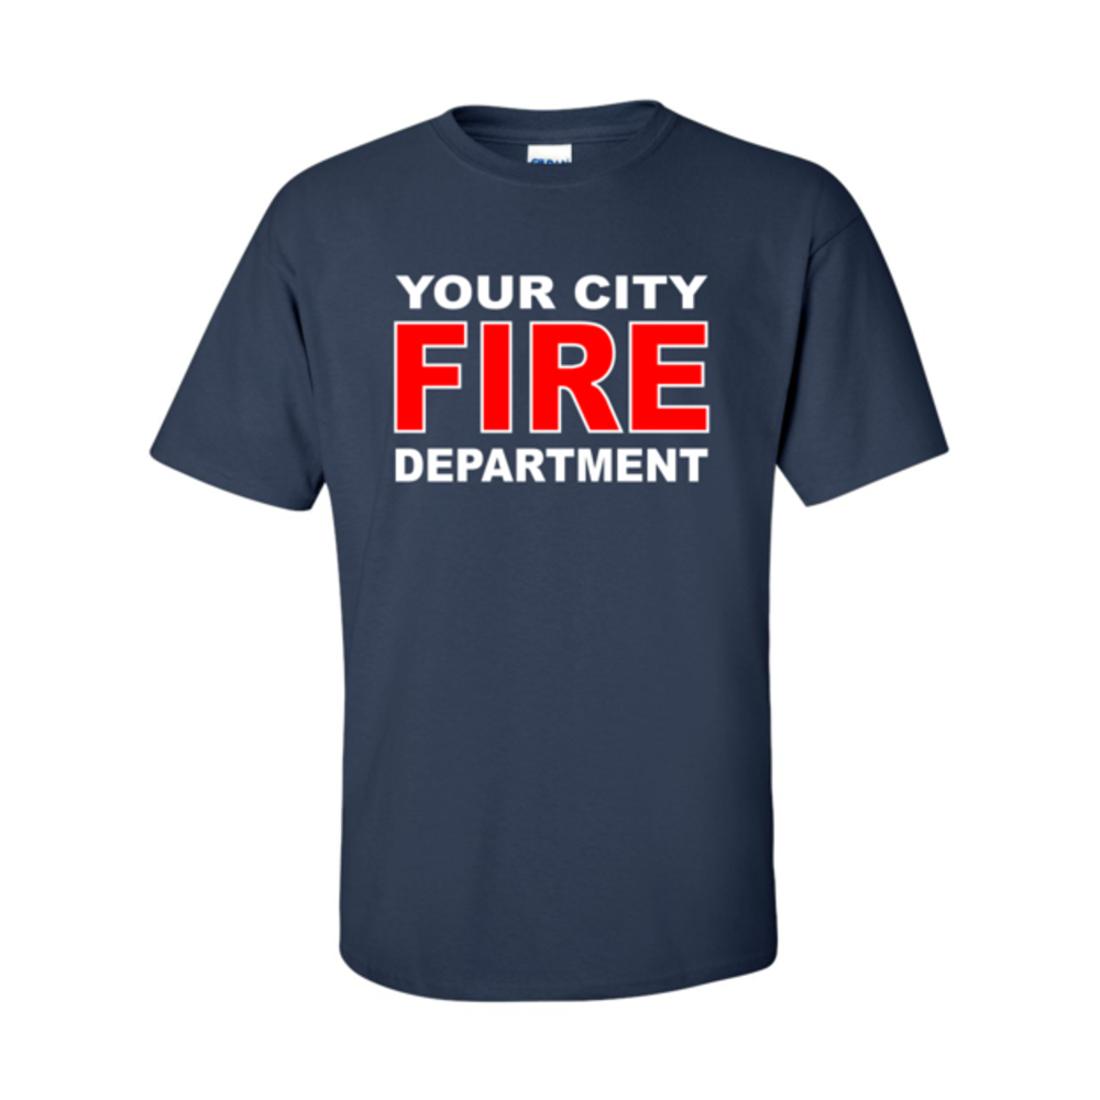 Custom fire department t shirt fire9ts for Fire department tee shirt designs